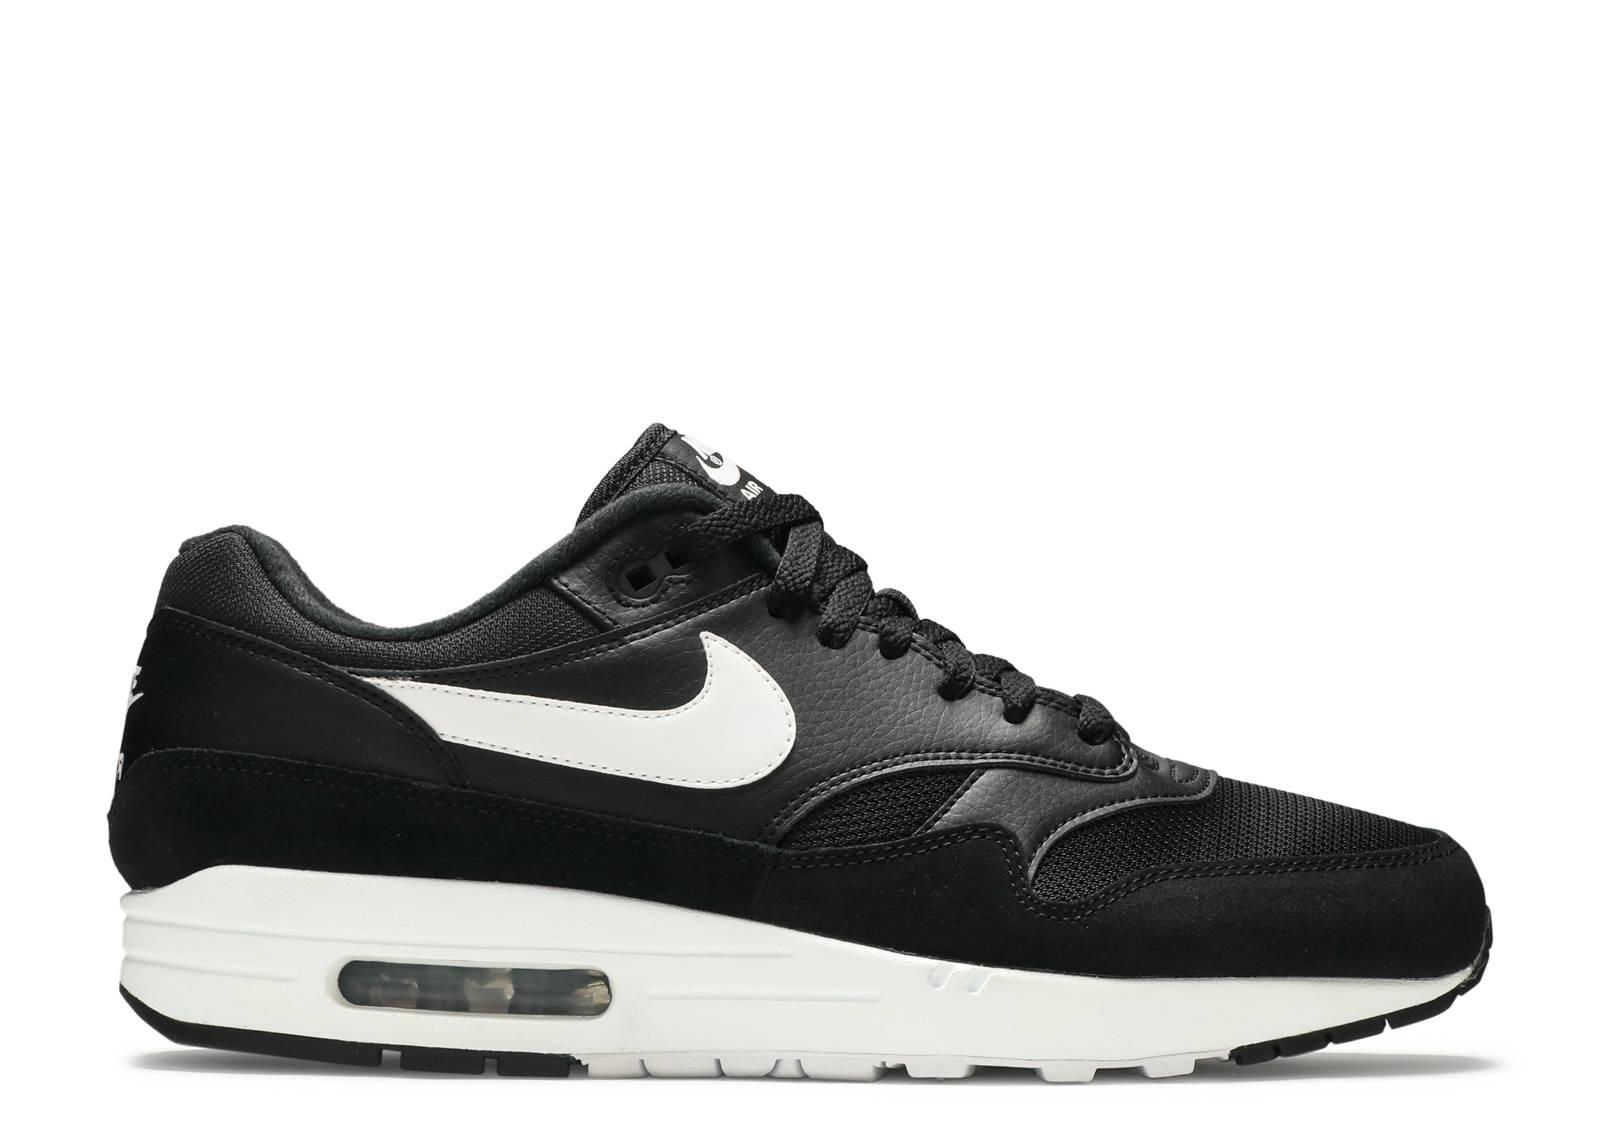 Nike Air Max 1 Black White AH8145 014